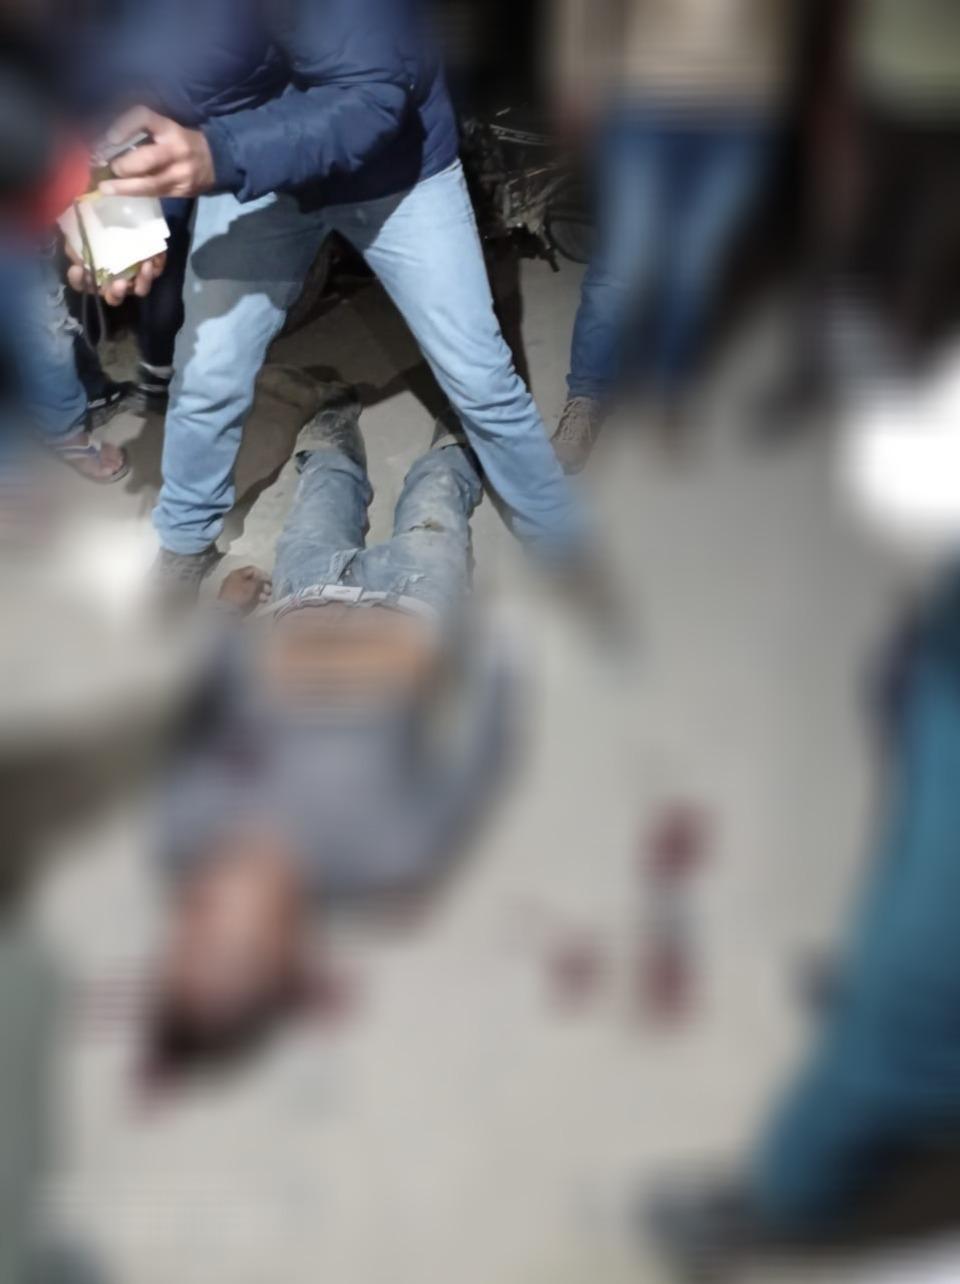 Hechos de asesinato en el puente de Juntas, Páez